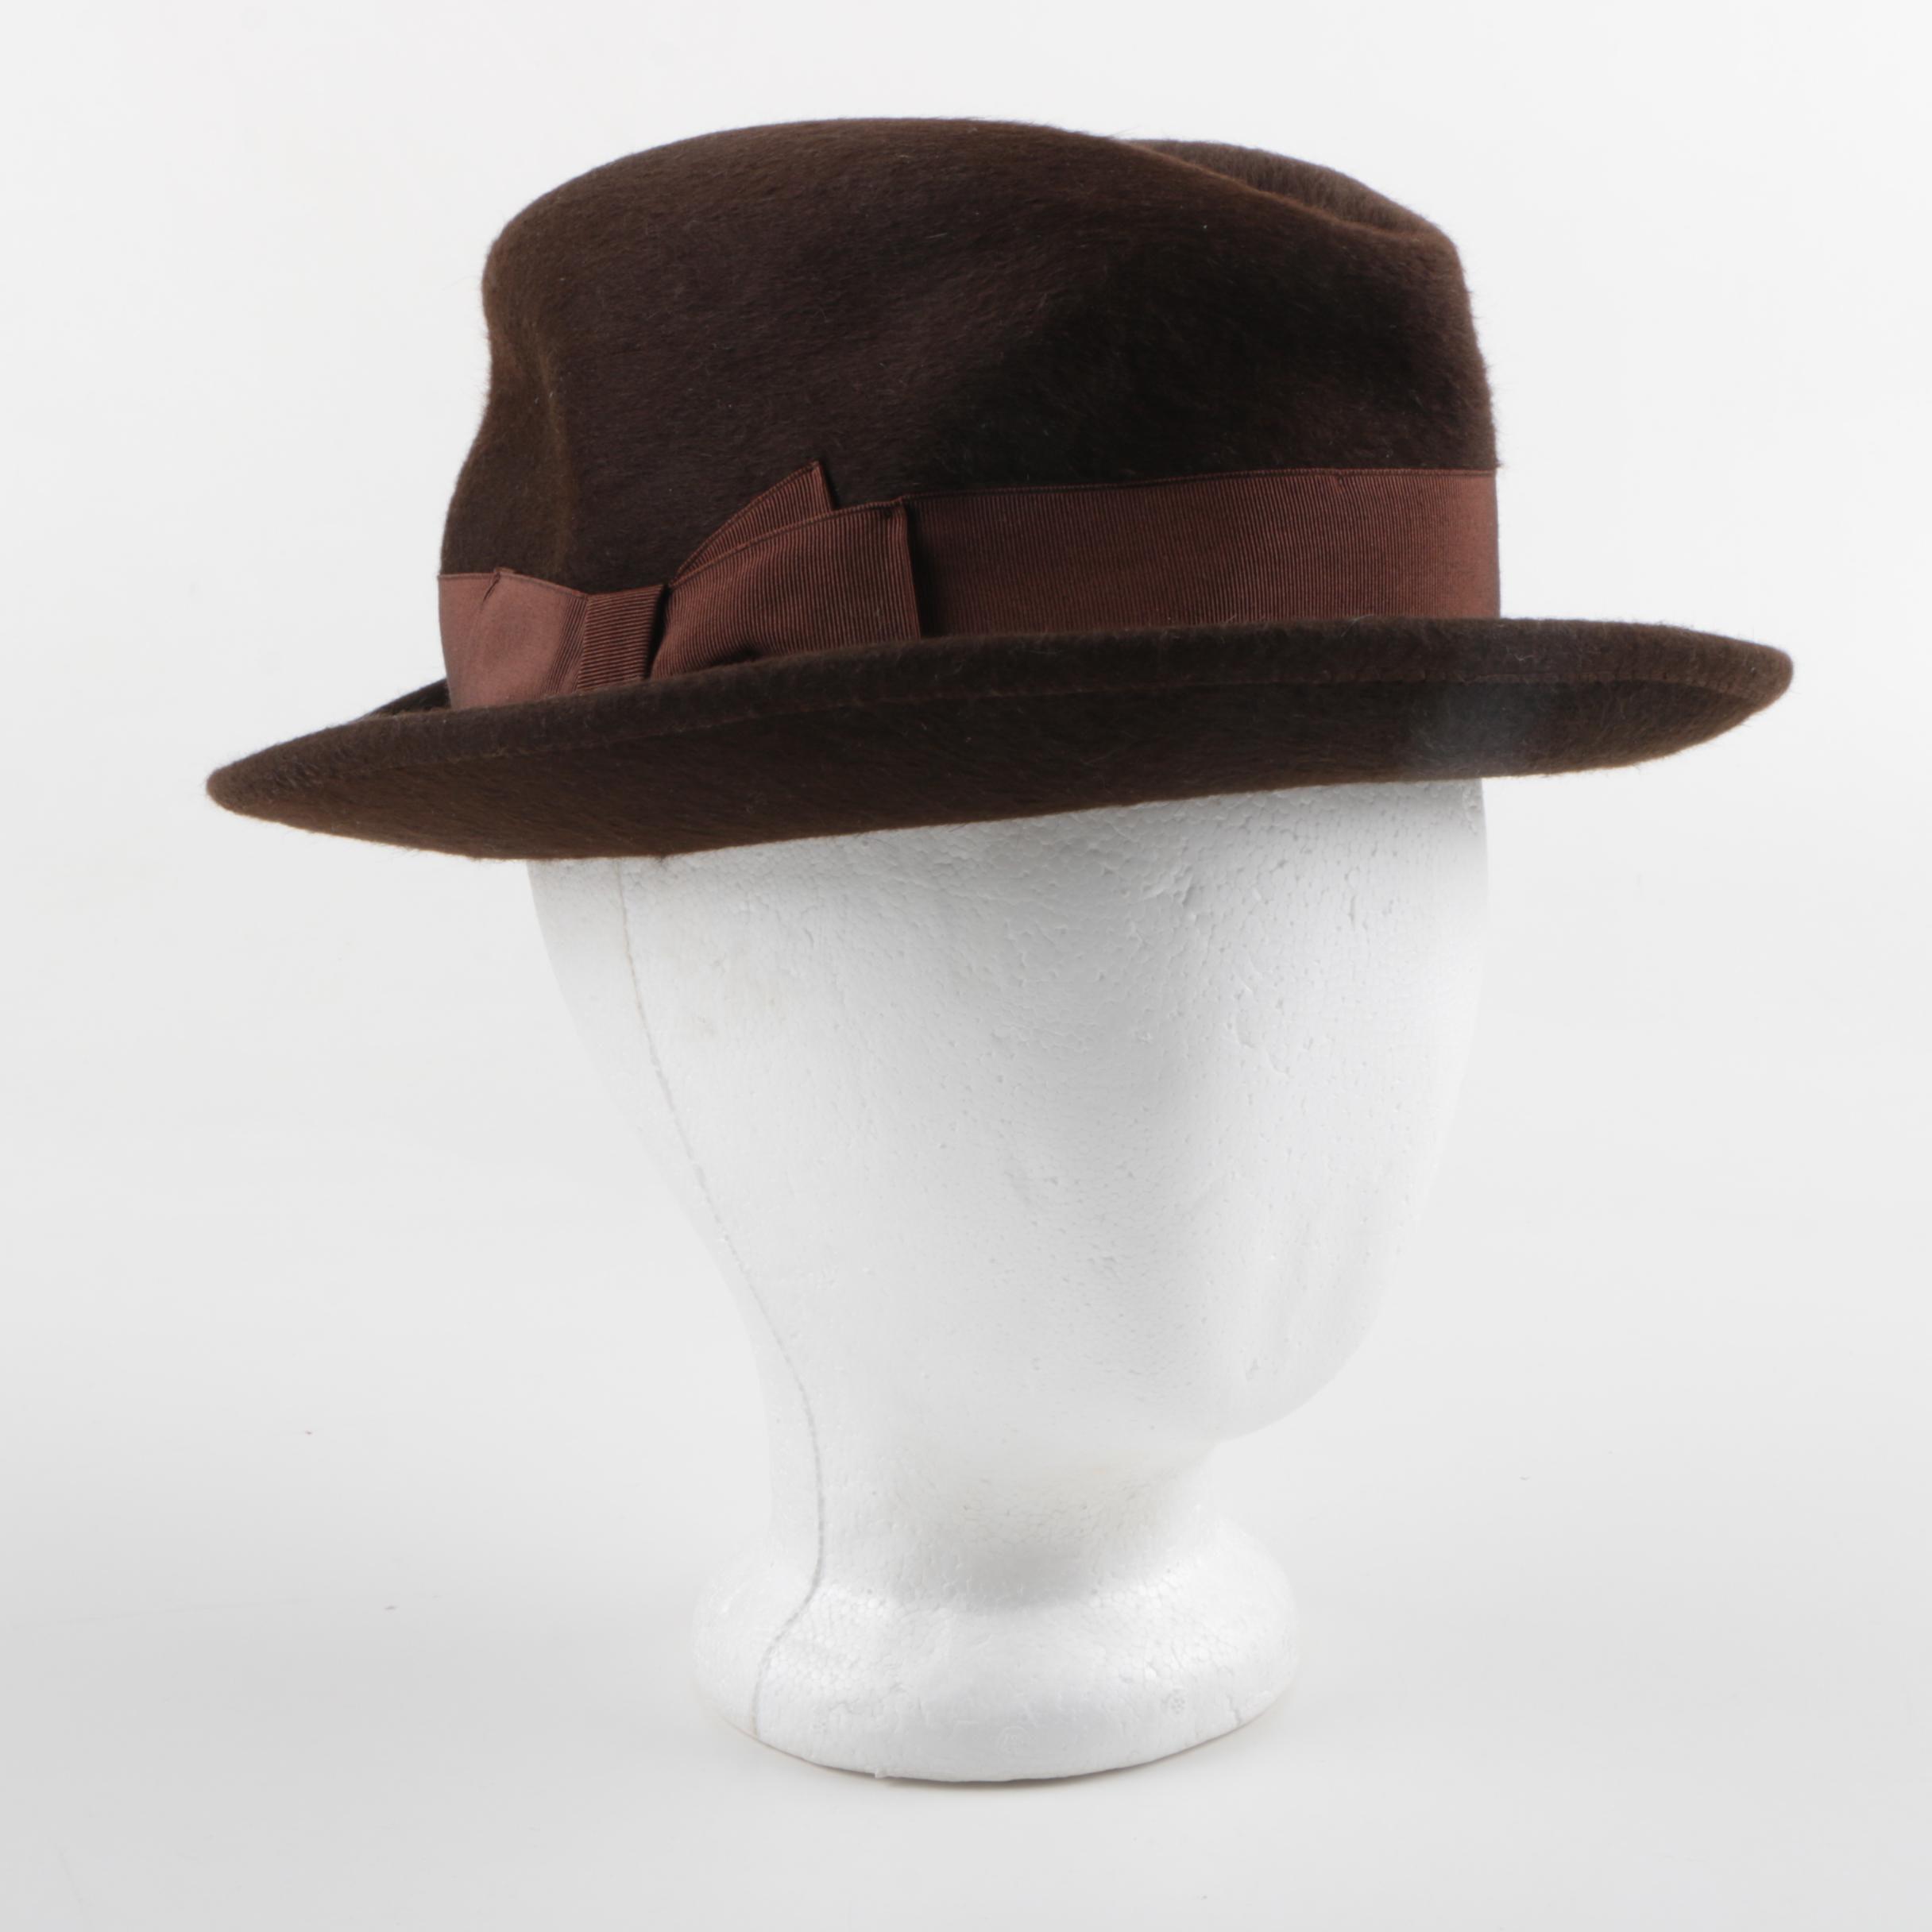 Men's Borsalino Italian-Made Brown Beaver Felt Hat